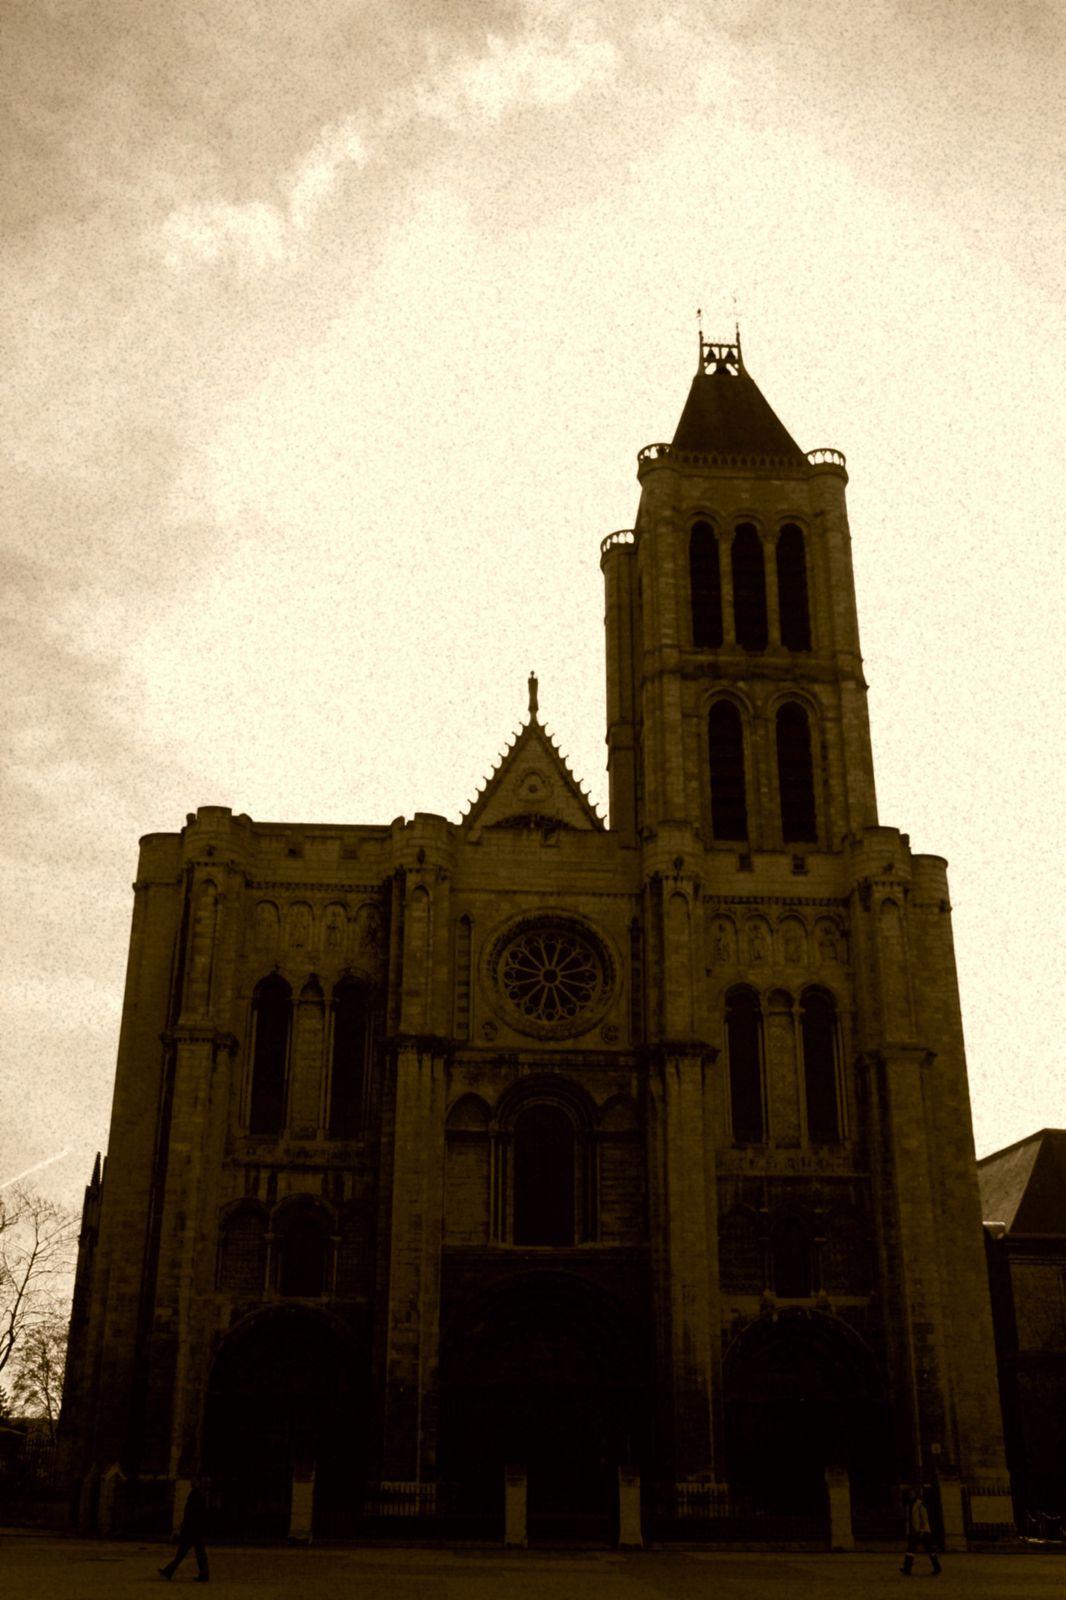 Nuits de 2010 CF2-Basilique-Saint-Denis--Saint-Denis-copie-1